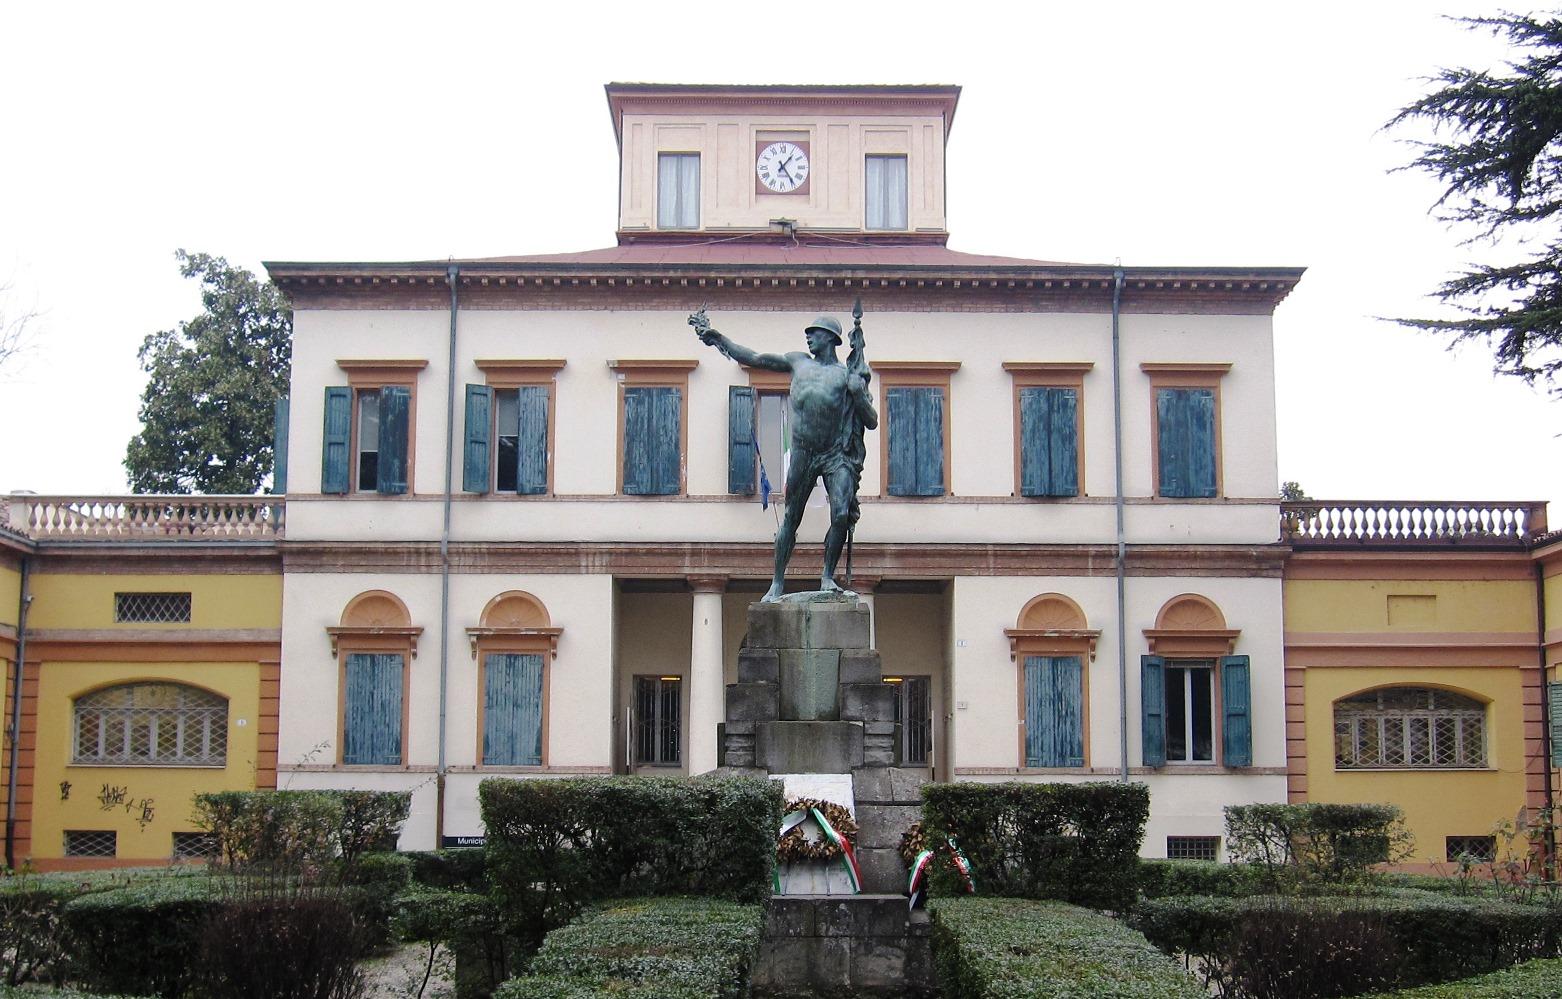 Grande Guerra Vignola - Il Monumento ai caduti della Prima guerra mondiale a Vignola. La statua del fante, opera di Luigi Bondioli, sorgeva originariamente al centro del Parco delle Rimembranze. Nel secondo dopoguerra è stata spostata nel giardino della residenza municipale